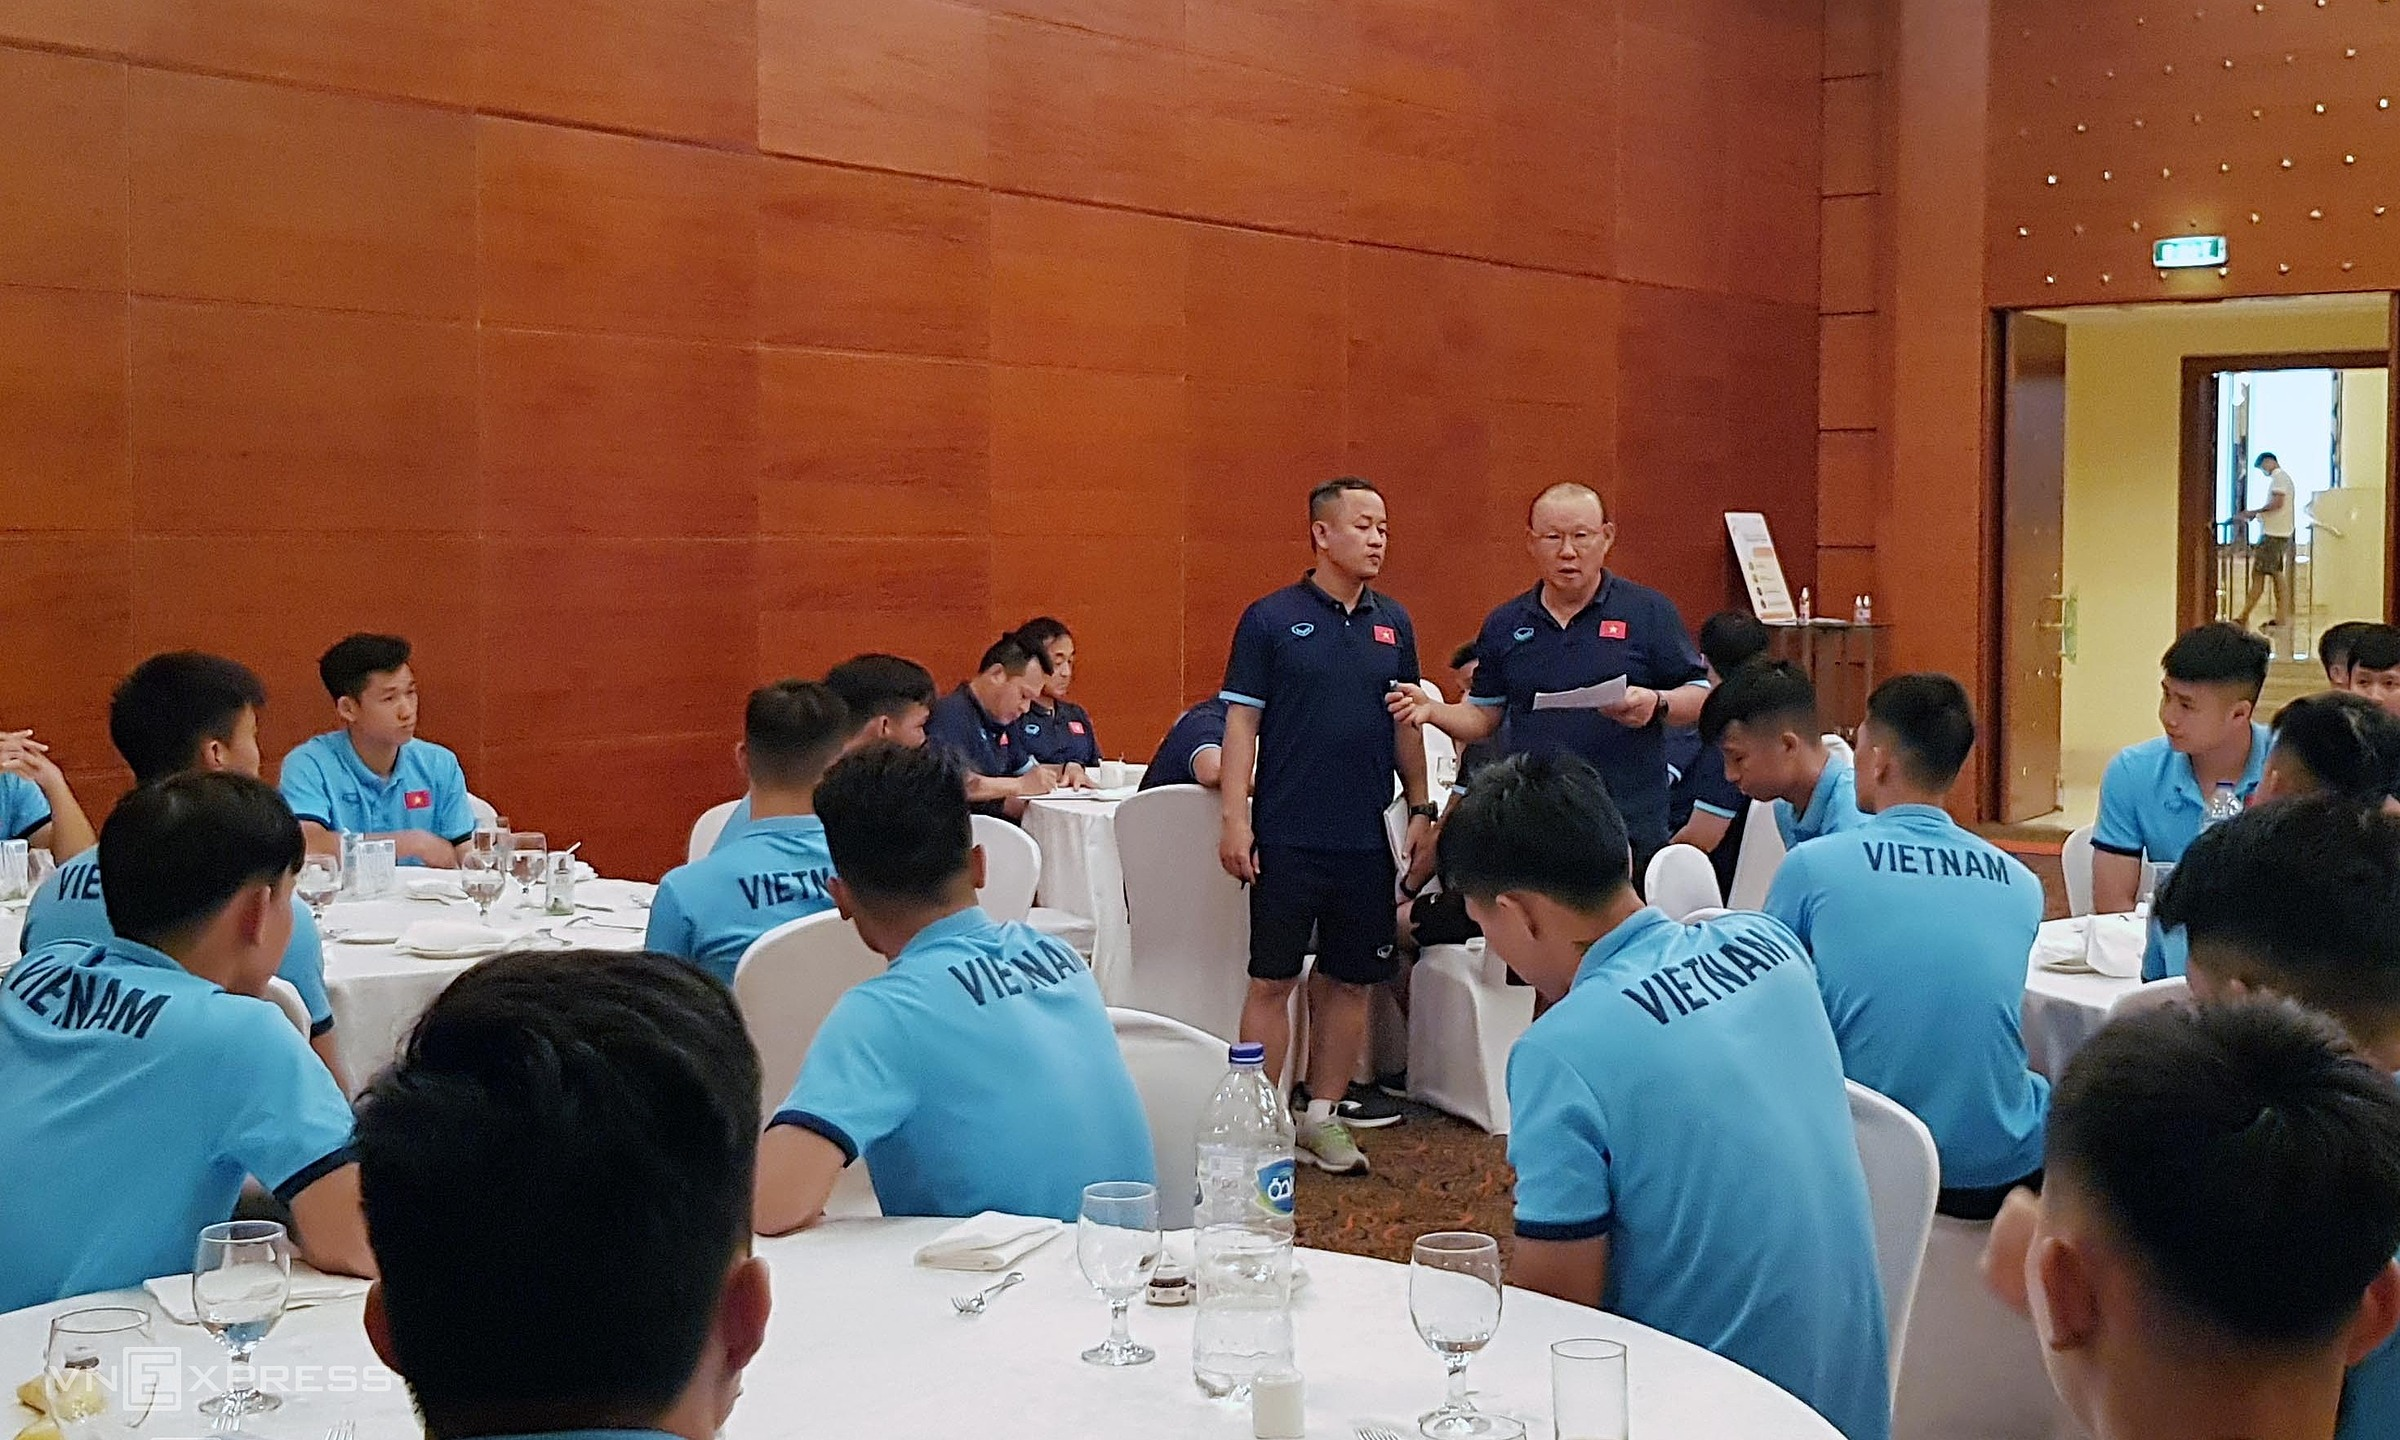 HLV Park họp ngắn với toàn đội nhân buổi ăn trưa nay 27/5. Ảnh: Đoàn Huynh